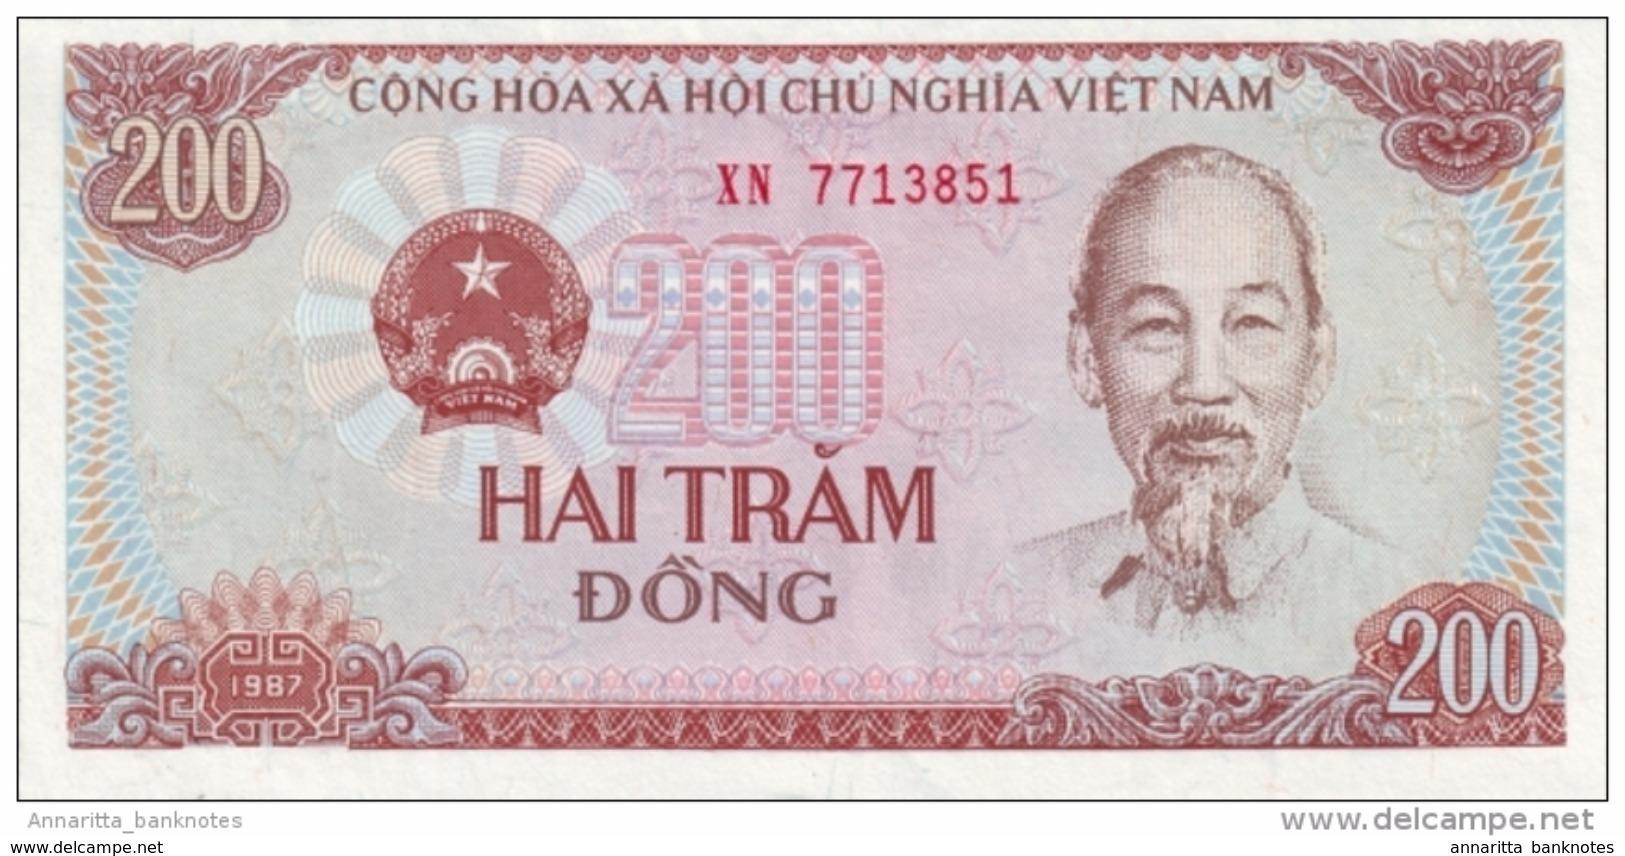 VIETNAM 200 DONG 1987 P-100a NEUF PETIT S/N [VN328a] - Vietnam